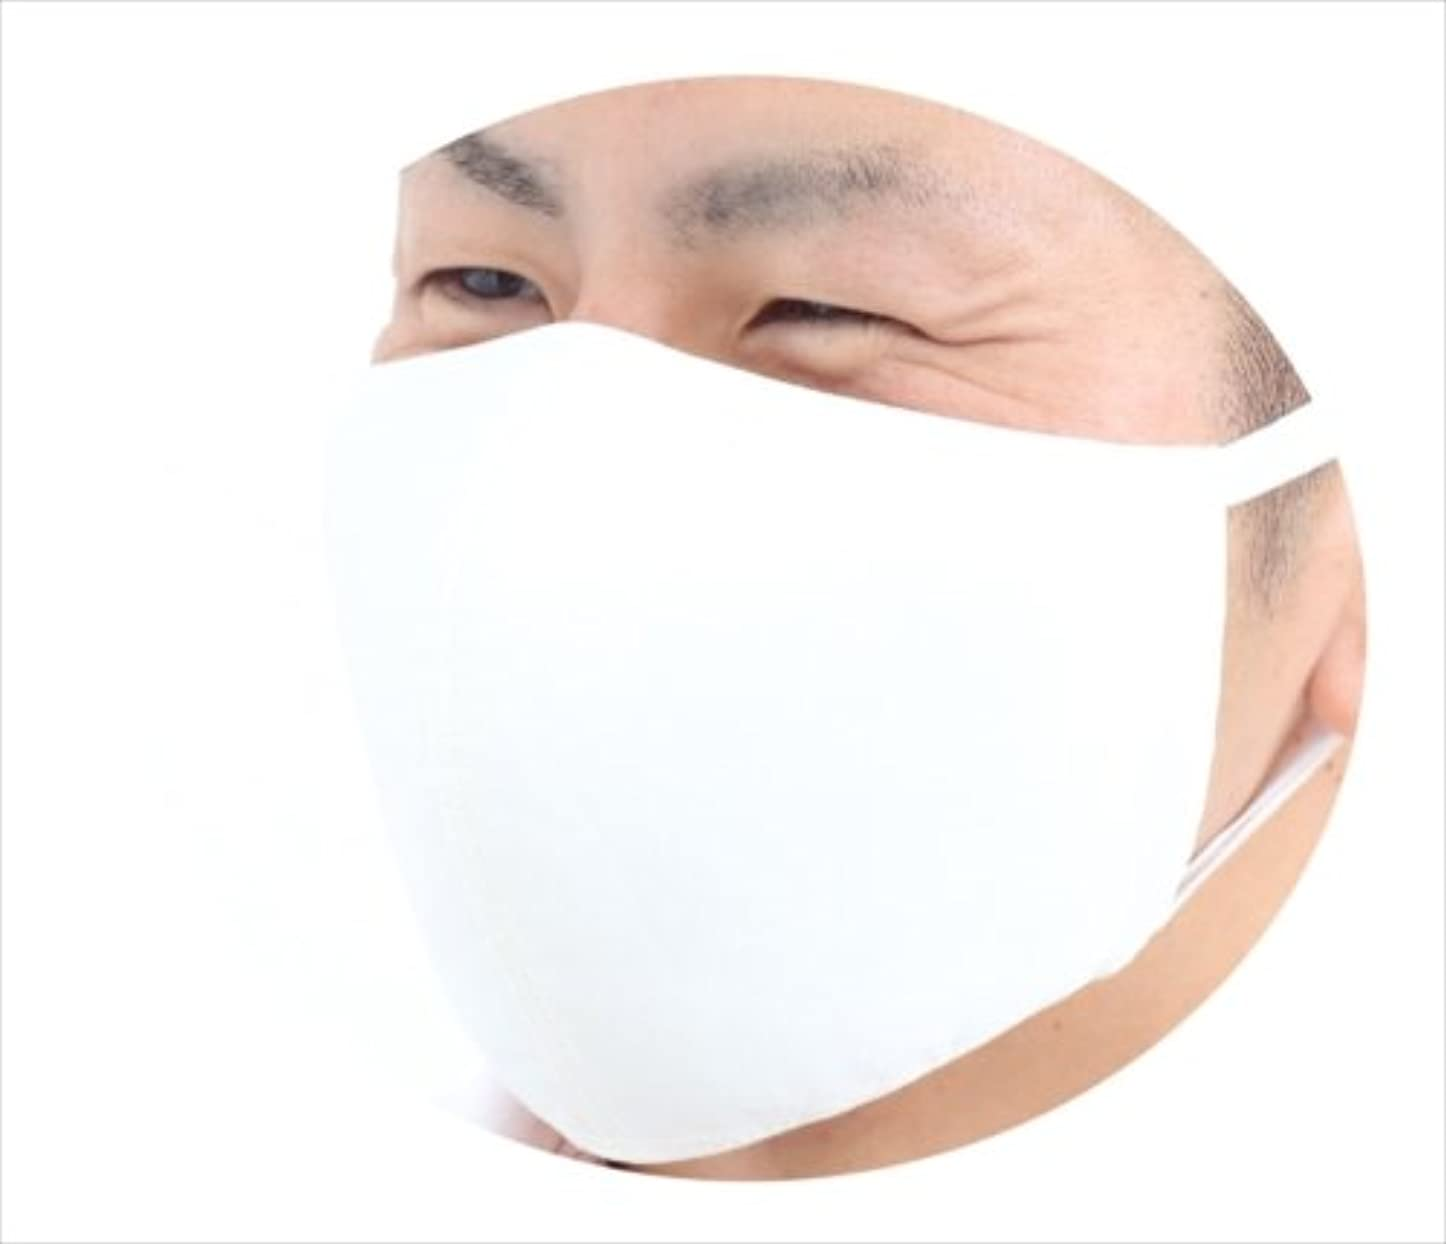 非アクティブカフェテリア絶えずツーヨン?メンズマスクビック布製2枚入りホワイト抗ウイルス?花粉対策フィルター6枚付き繰り返し使えぬれマスクにもなる